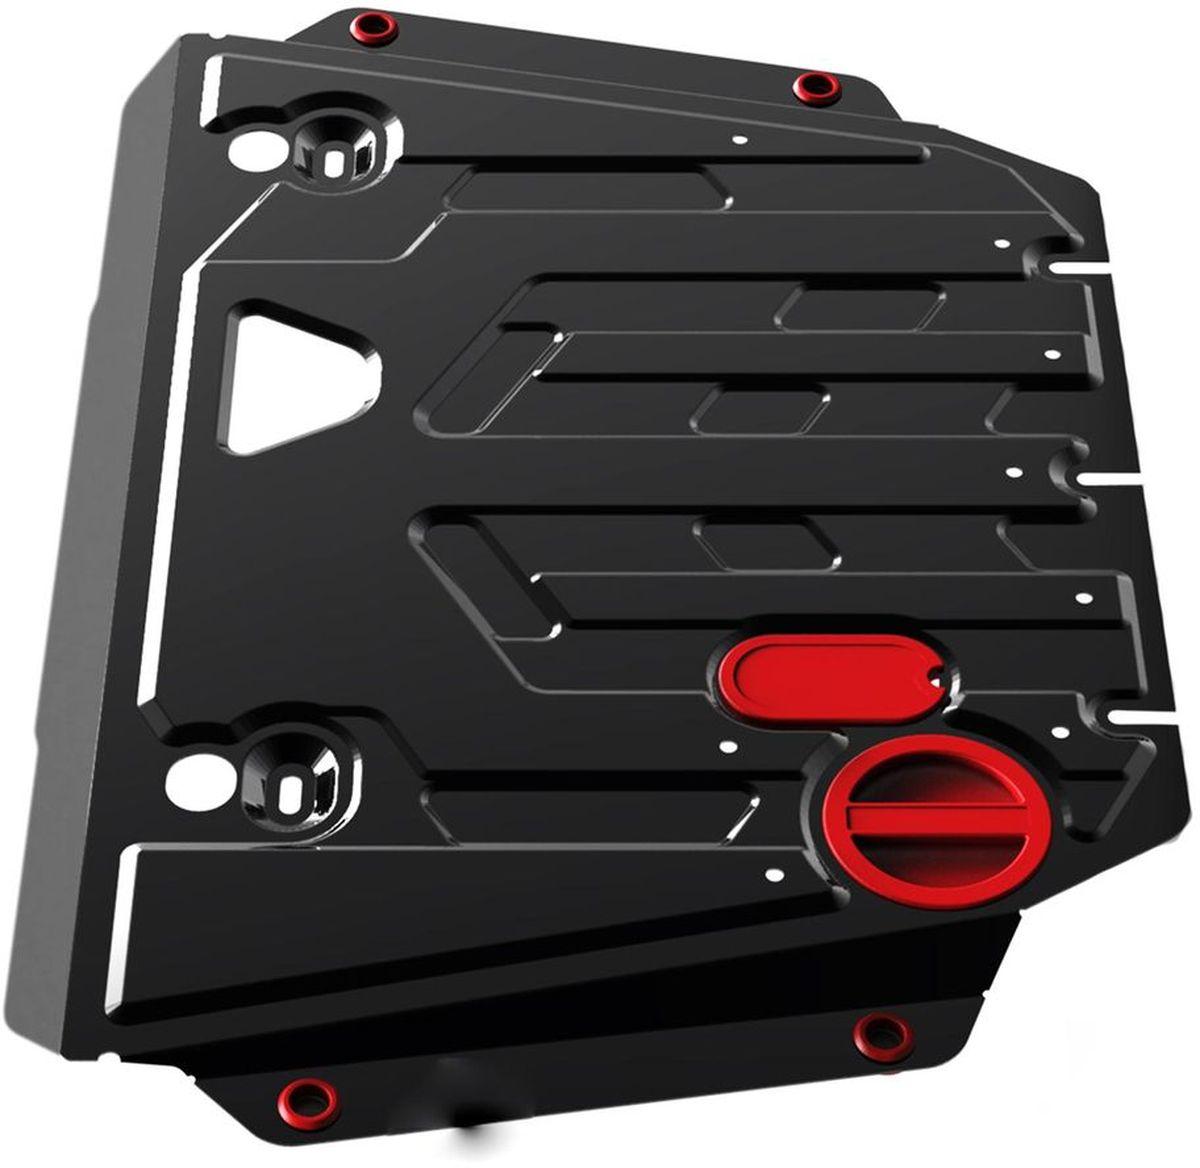 Защита картера и КПП Автоброня, для Ford Transit RWD V - 2,2TD; 2,4TD (2007-2014)SVC-300Технологически совершенный продукт за невысокую стоимость.Защита разработана с учетом особенностей днища автомобиля, что позволяет сохранить дорожный просвет с минимальным изменением.Защита устанавливается в штатные места кузова автомобиля. Глубокий штамп обеспечивает до двух раз больше жесткости в сравнении с обычной защитой той же толщины. Проштампованные ребра жесткости препятствуют деформации защиты при ударах.Тепловой зазор и вентиляционные отверстия обеспечивают сохранение температурного режима двигателя в норме. Скрытый крепеж предотвращает срыв крепежных элементов при наезде на препятствие.Шумопоглощающие резиновые элементы обеспечивают комфортную езду без вибраций и скрежета металла, а съемные лючки для слива масла и замены фильтра - экономию средств и время.Конструкция изделия не влияет на пассивную безопасность автомобиля (при ударе защита не воздействует на деформационные зоны кузова). Со штатным крепежом. В комплекте инструкция по установке.Толщина стали: 2 мм.Уважаемые клиенты!Обращаем ваше внимание, что элемент защиты имеет форму, соответствующую модели данного автомобиля. Фото служит для визуального восприятия товара и может отличаться от фактического.